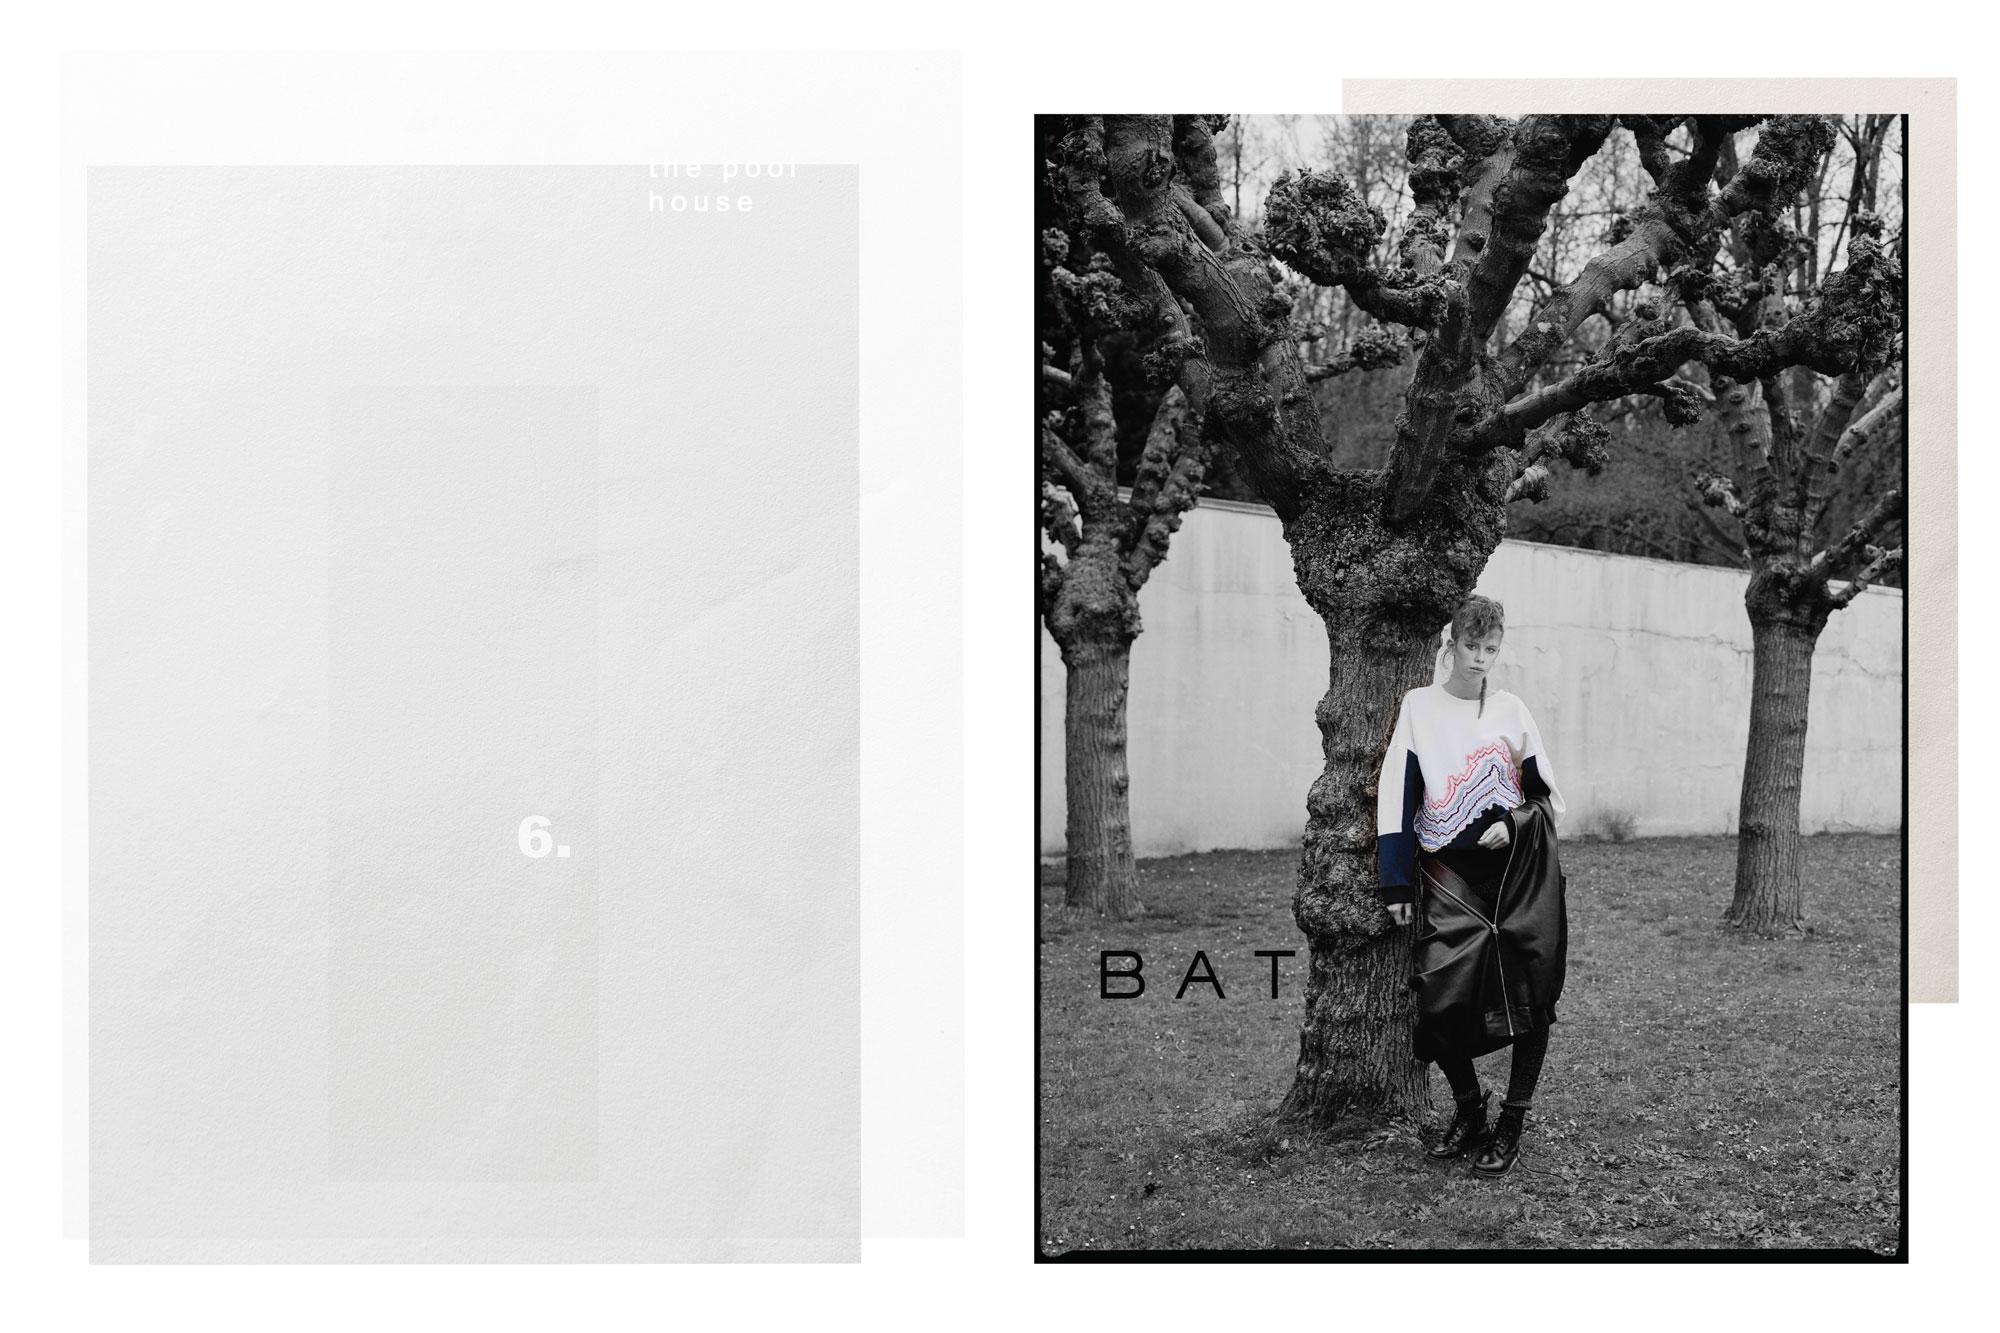 S17-BAT-(1)-6